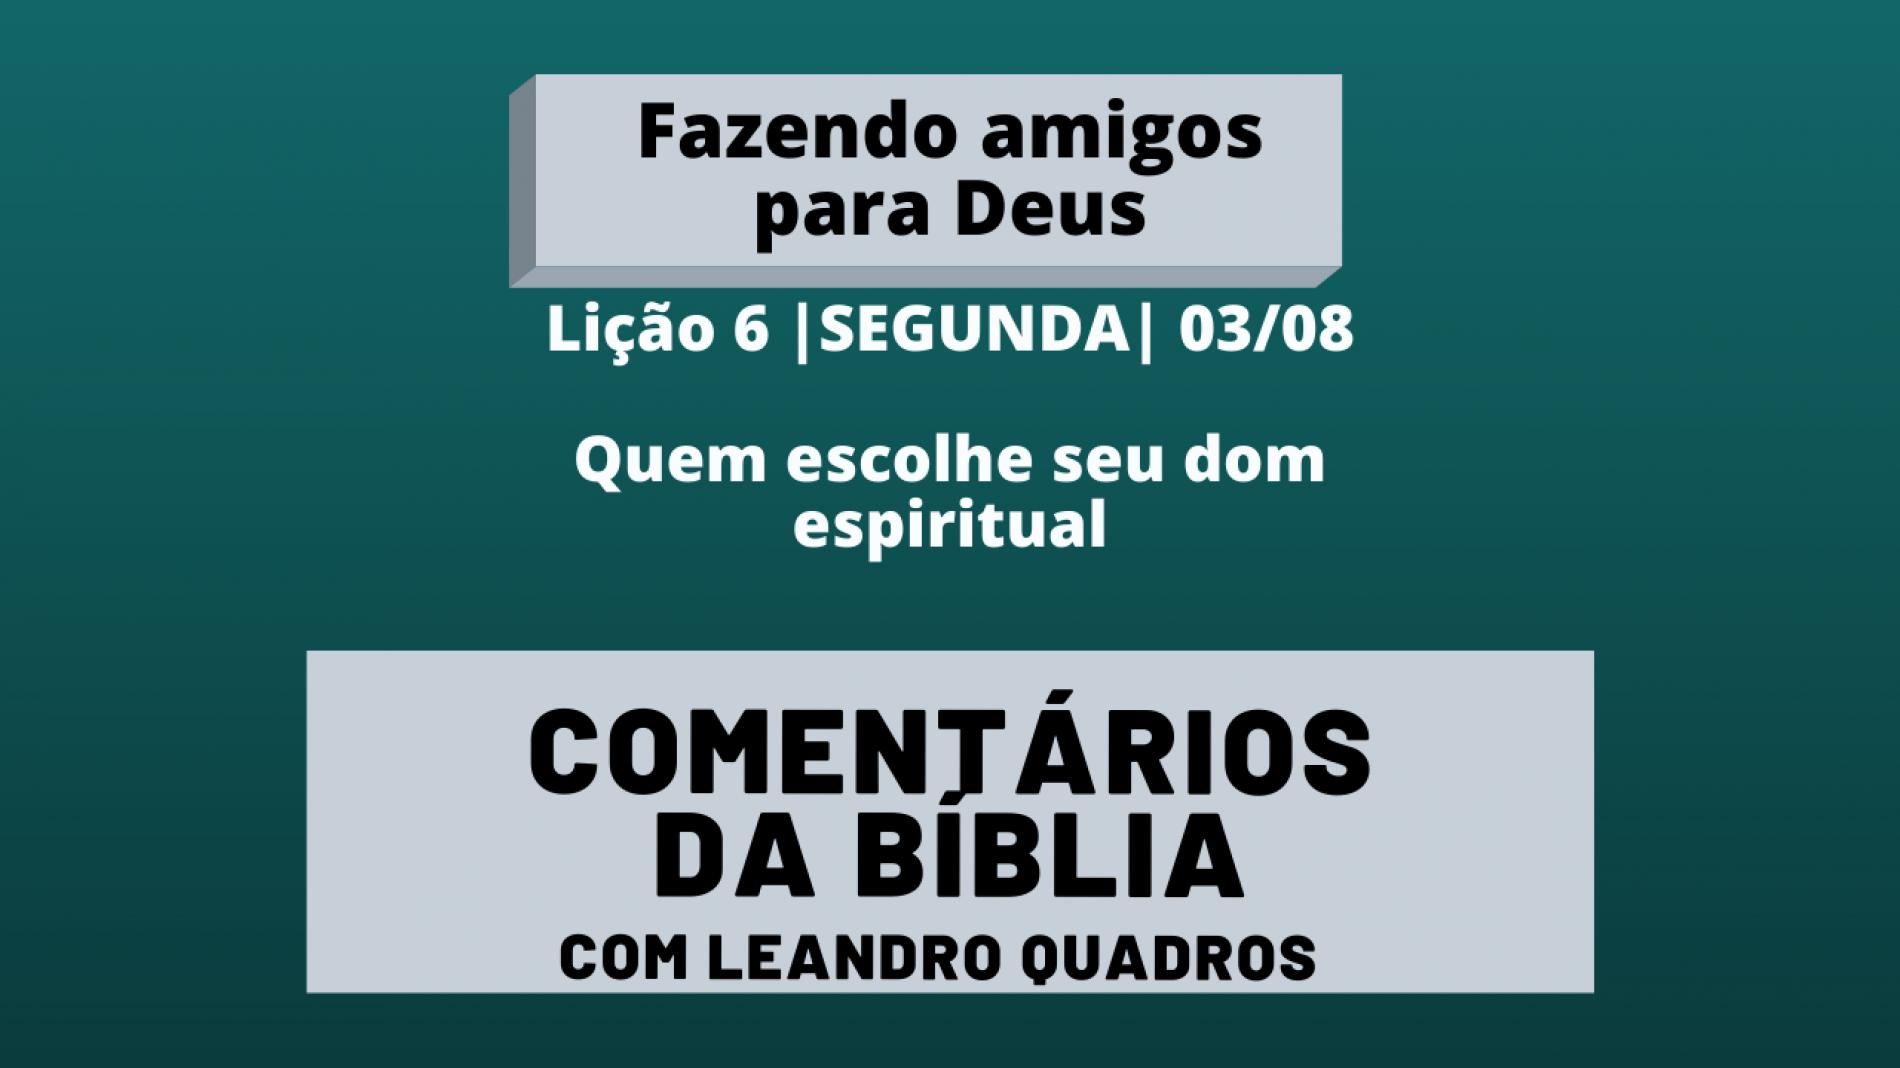 Segunda |03/08| Quem escolhe seu dom espiritual